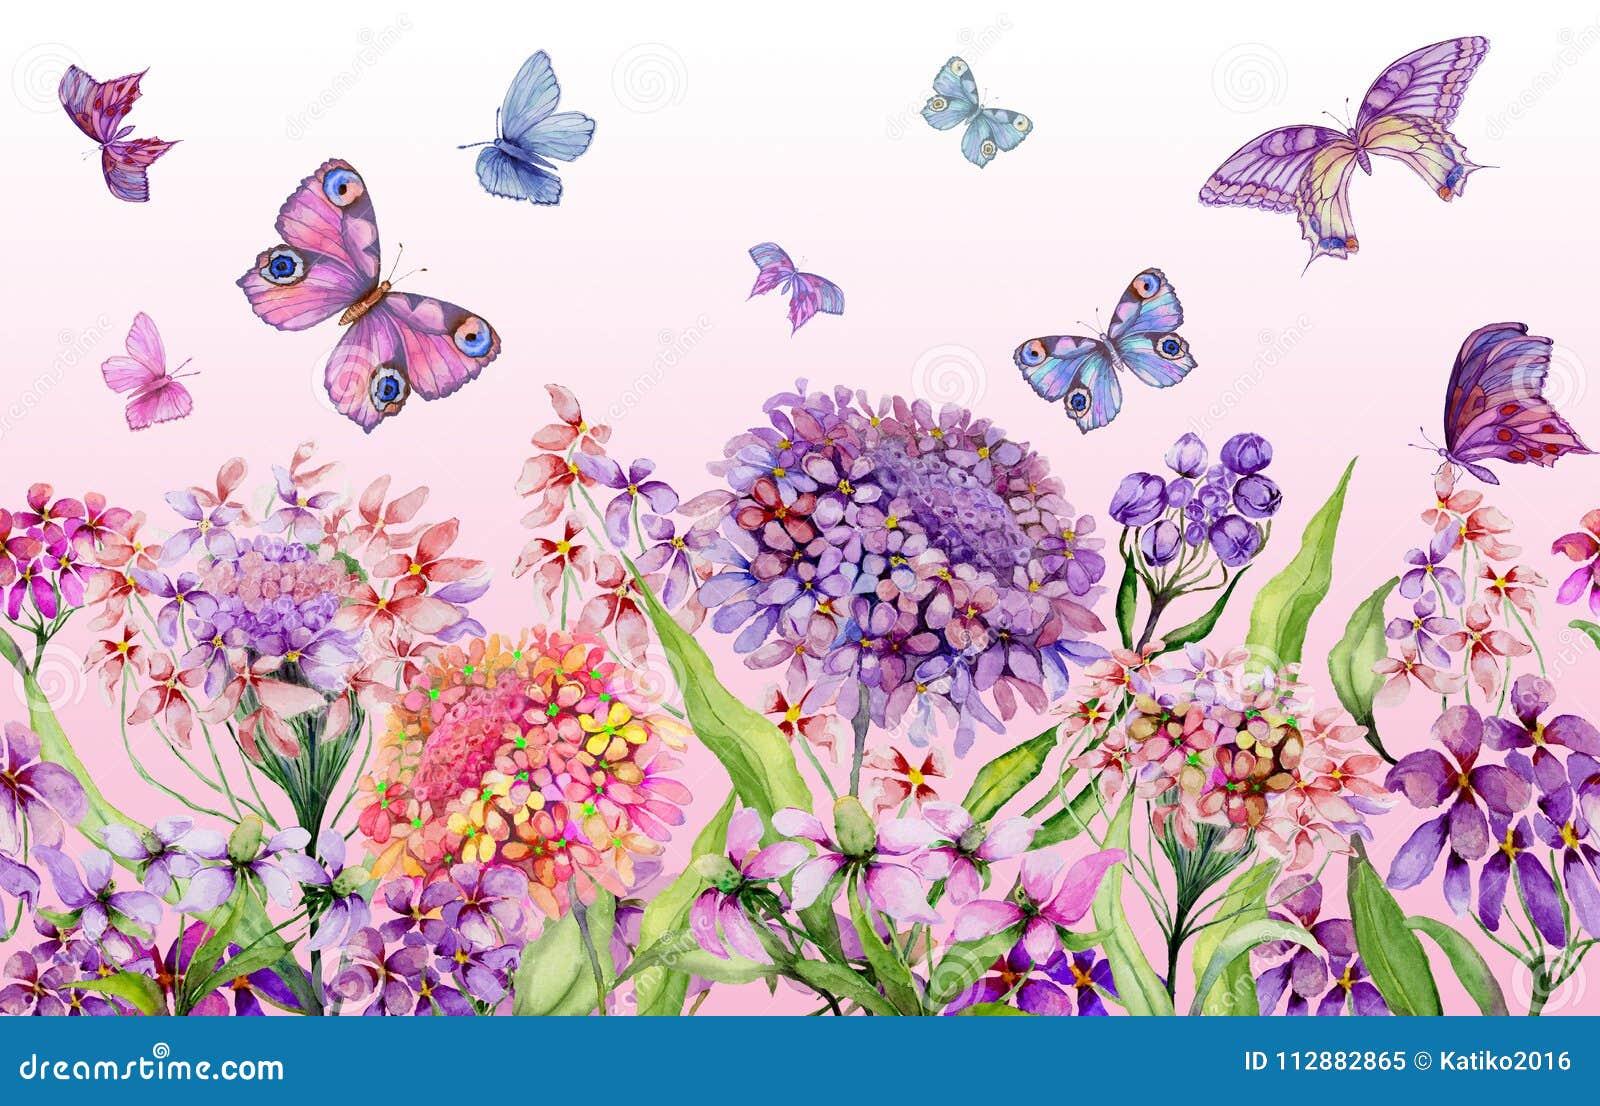 Bandera ancha del verano Flores vivas hermosas del iberis y mariposas coloridas en fondo rosado Plantilla horizontal